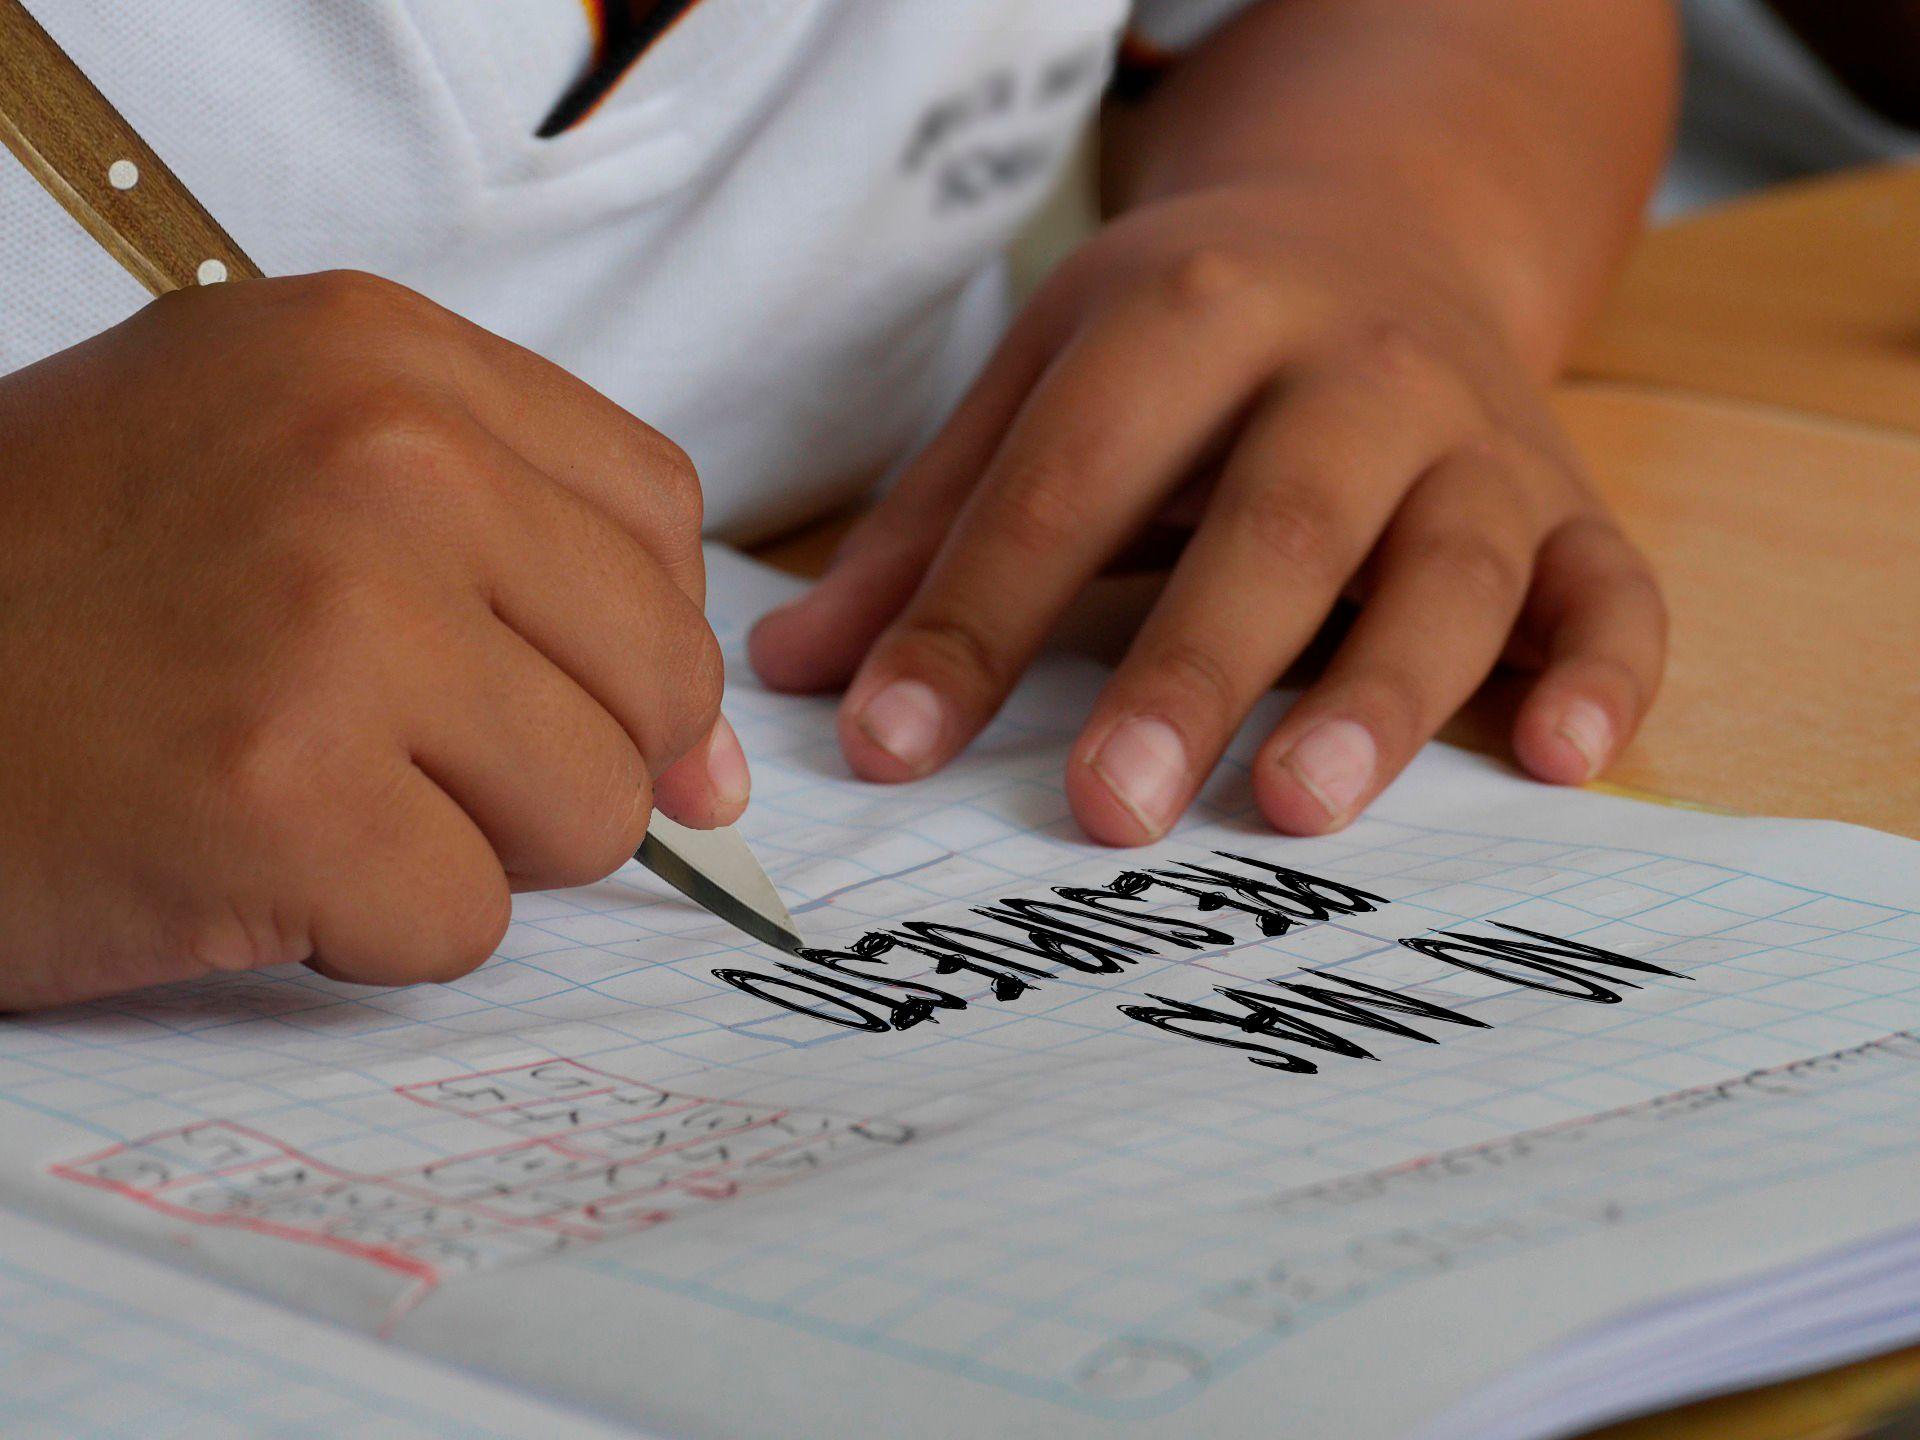 Maestra torturada en Moreno por falta de educación